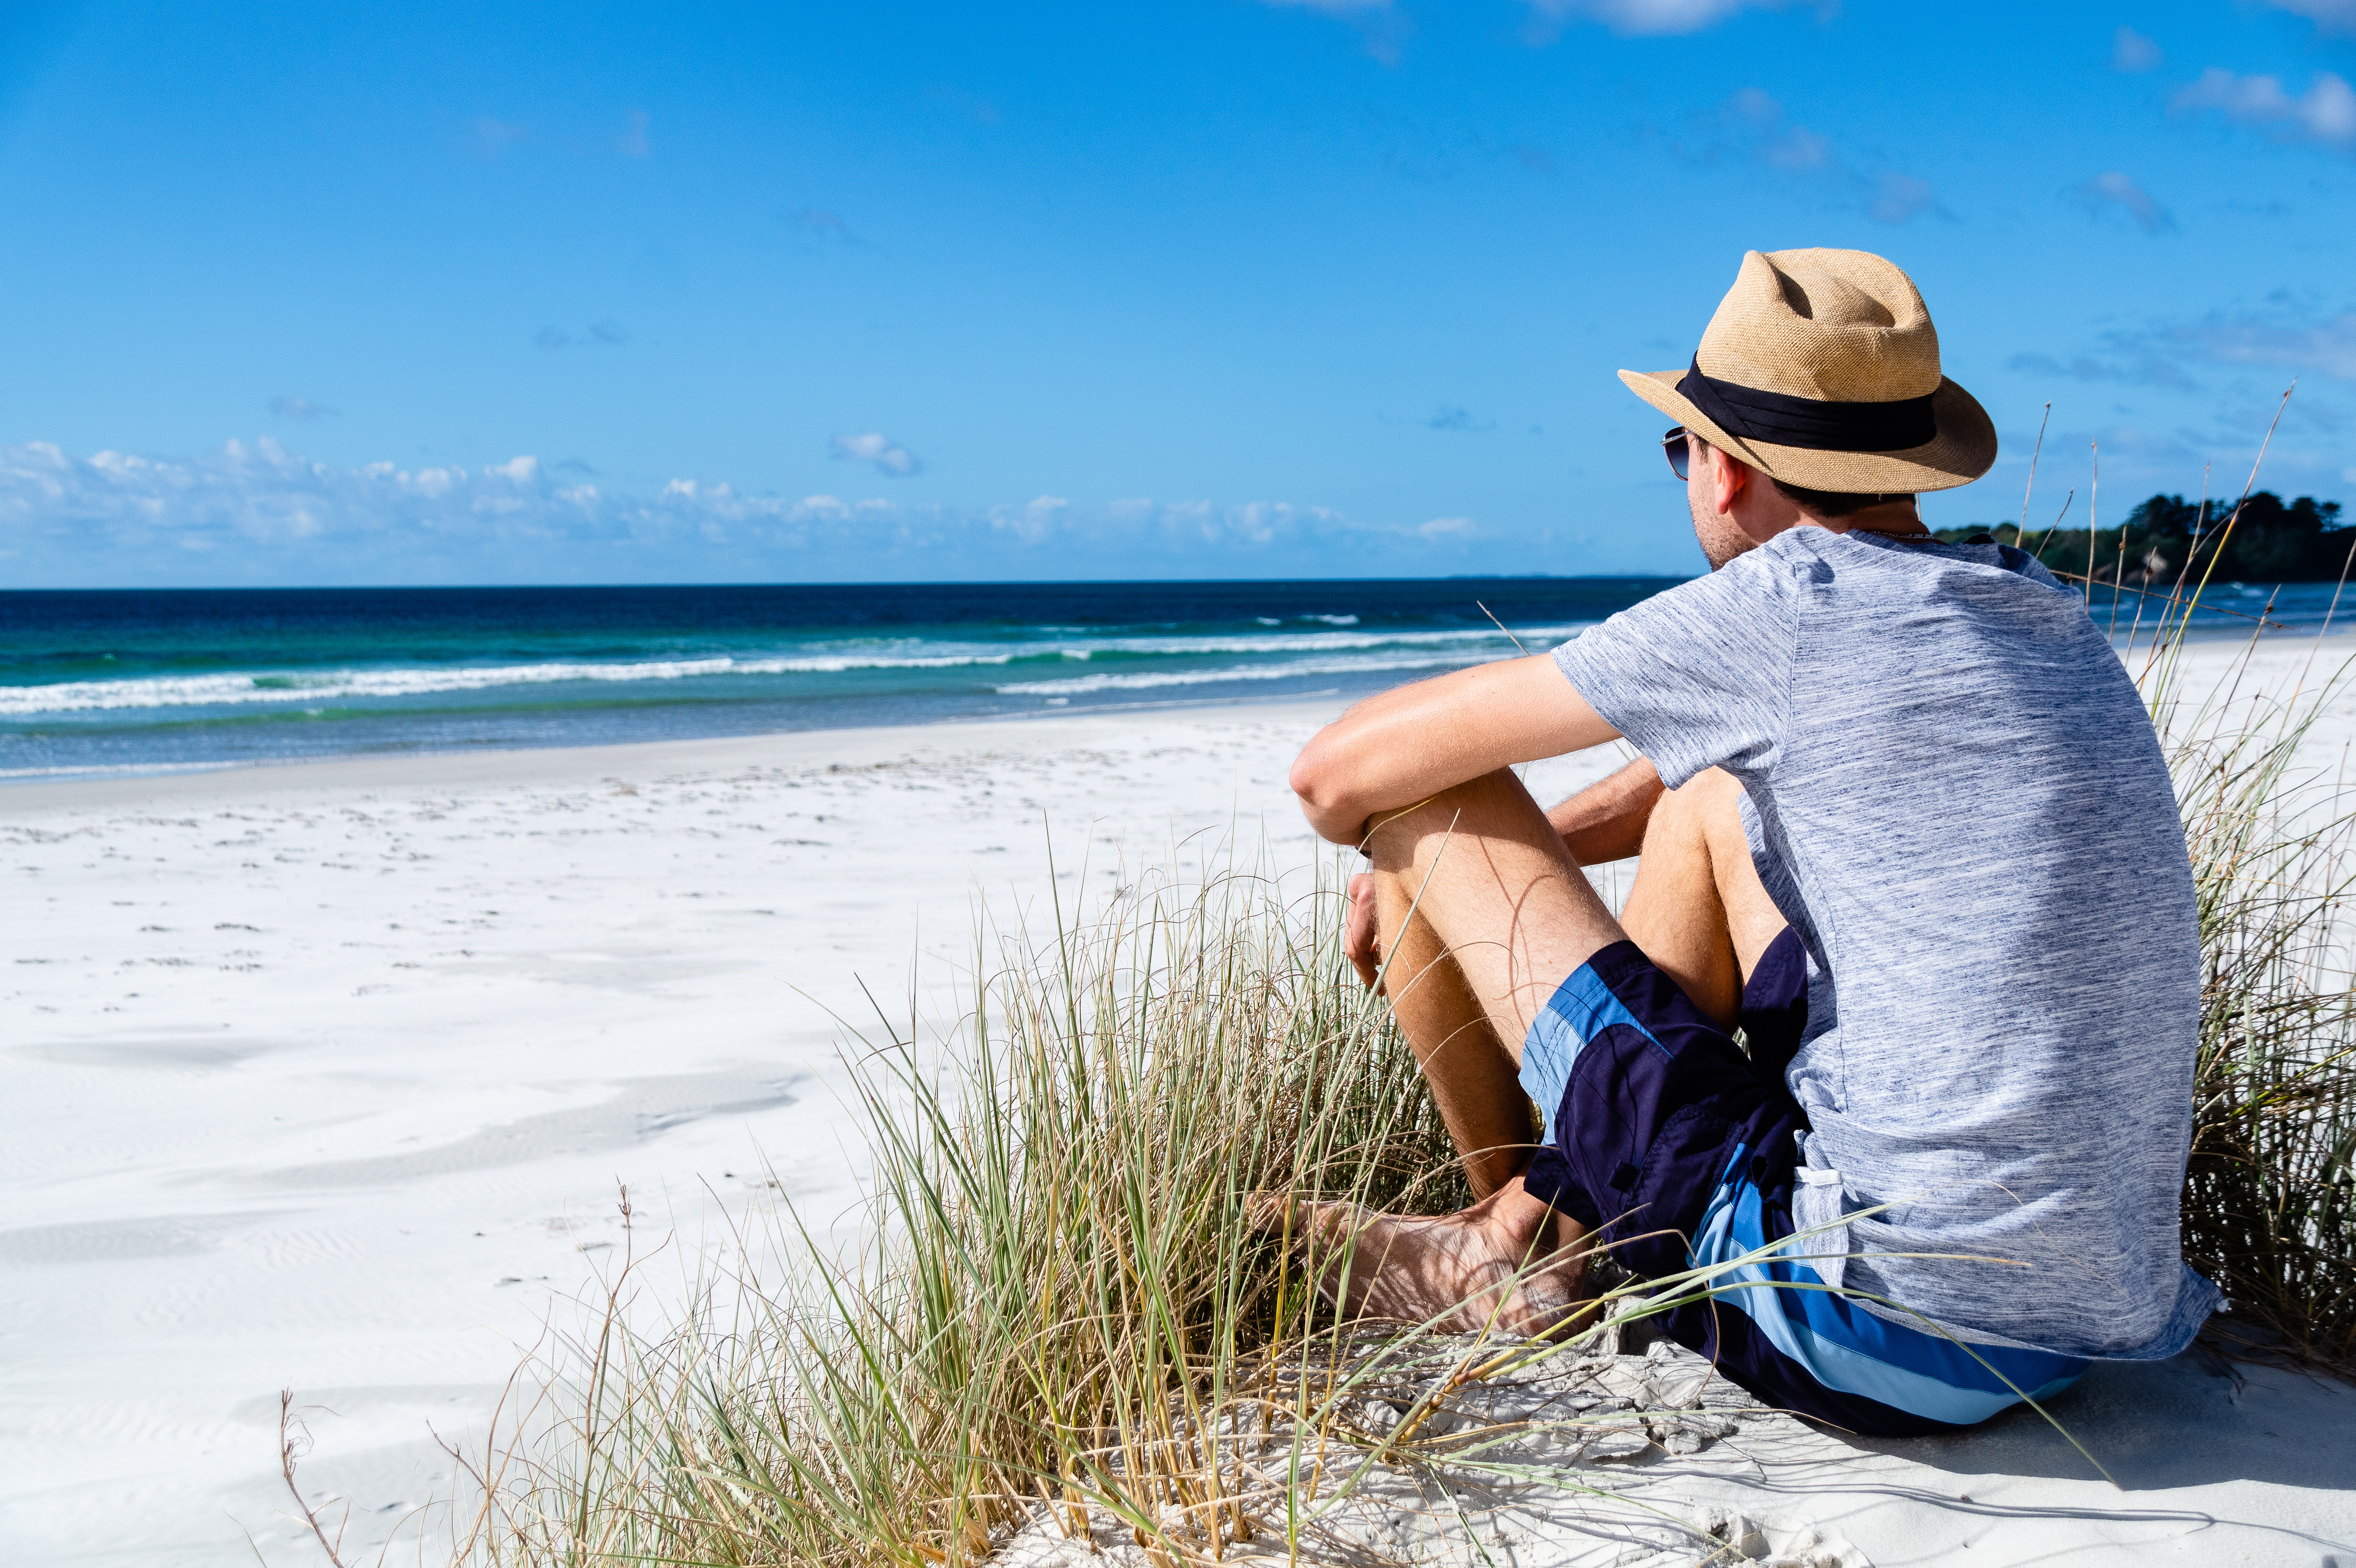 Neuseeland - White Sand Beach in Northland